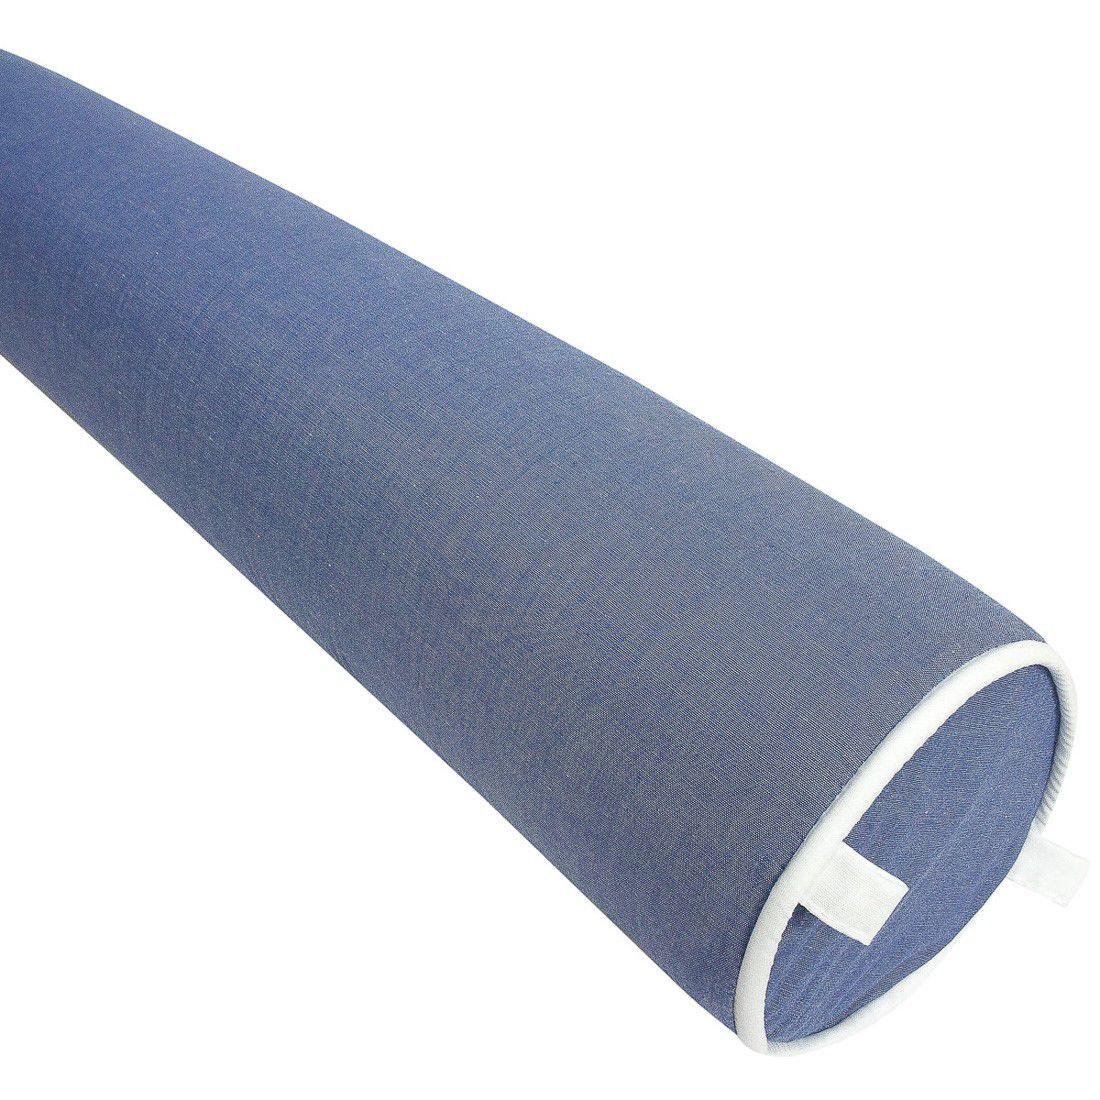 Rolo para cama solteiro 188 cm azul jeans